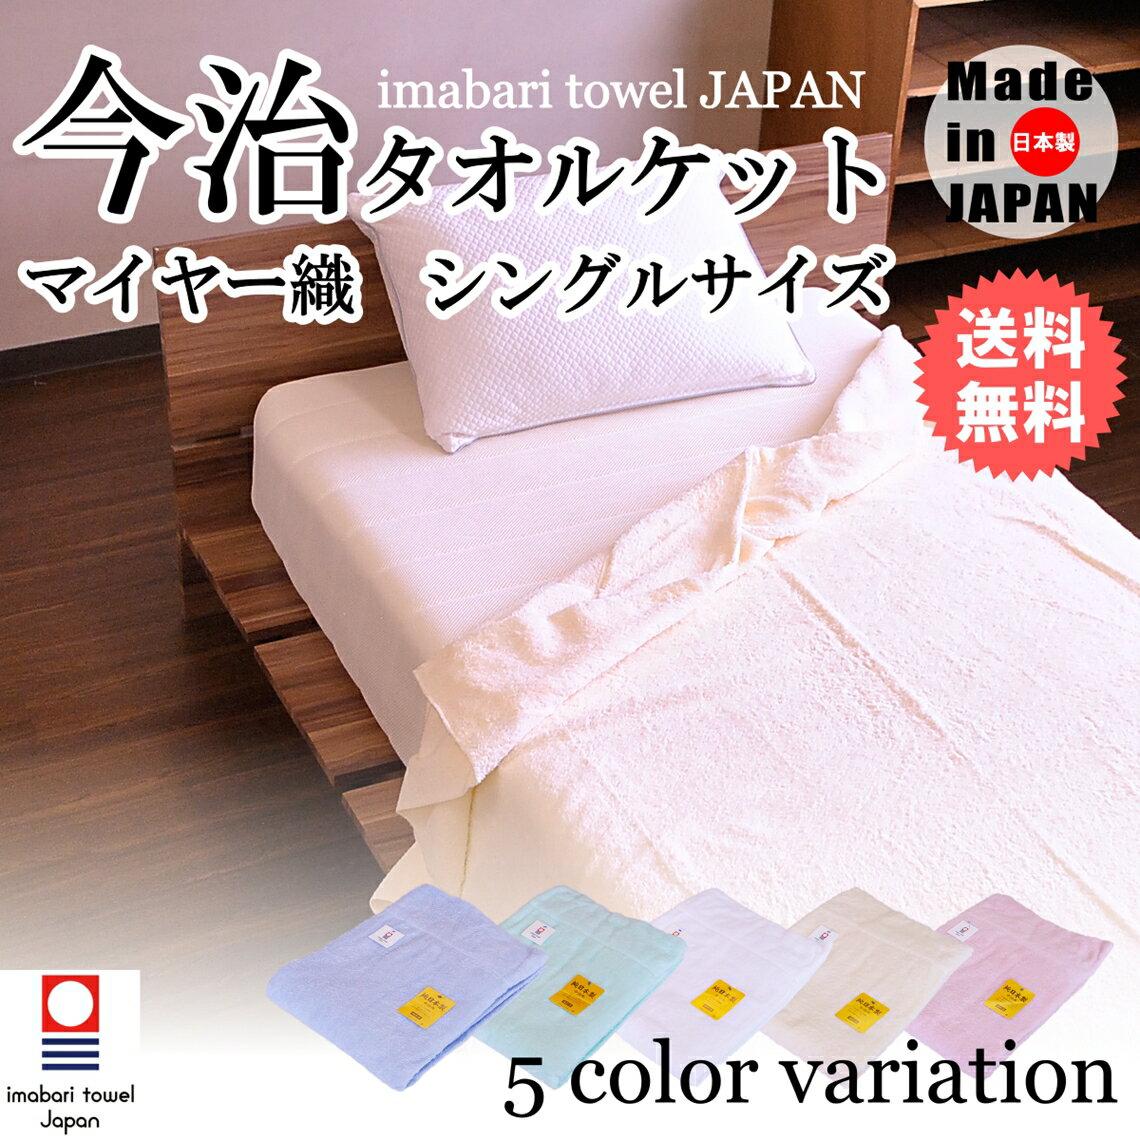 【送料無料】今治タオルブランド認定品 今治 タオルケット シングル 日本製 145×190cm 国産 カラー 無地 ロングパイル